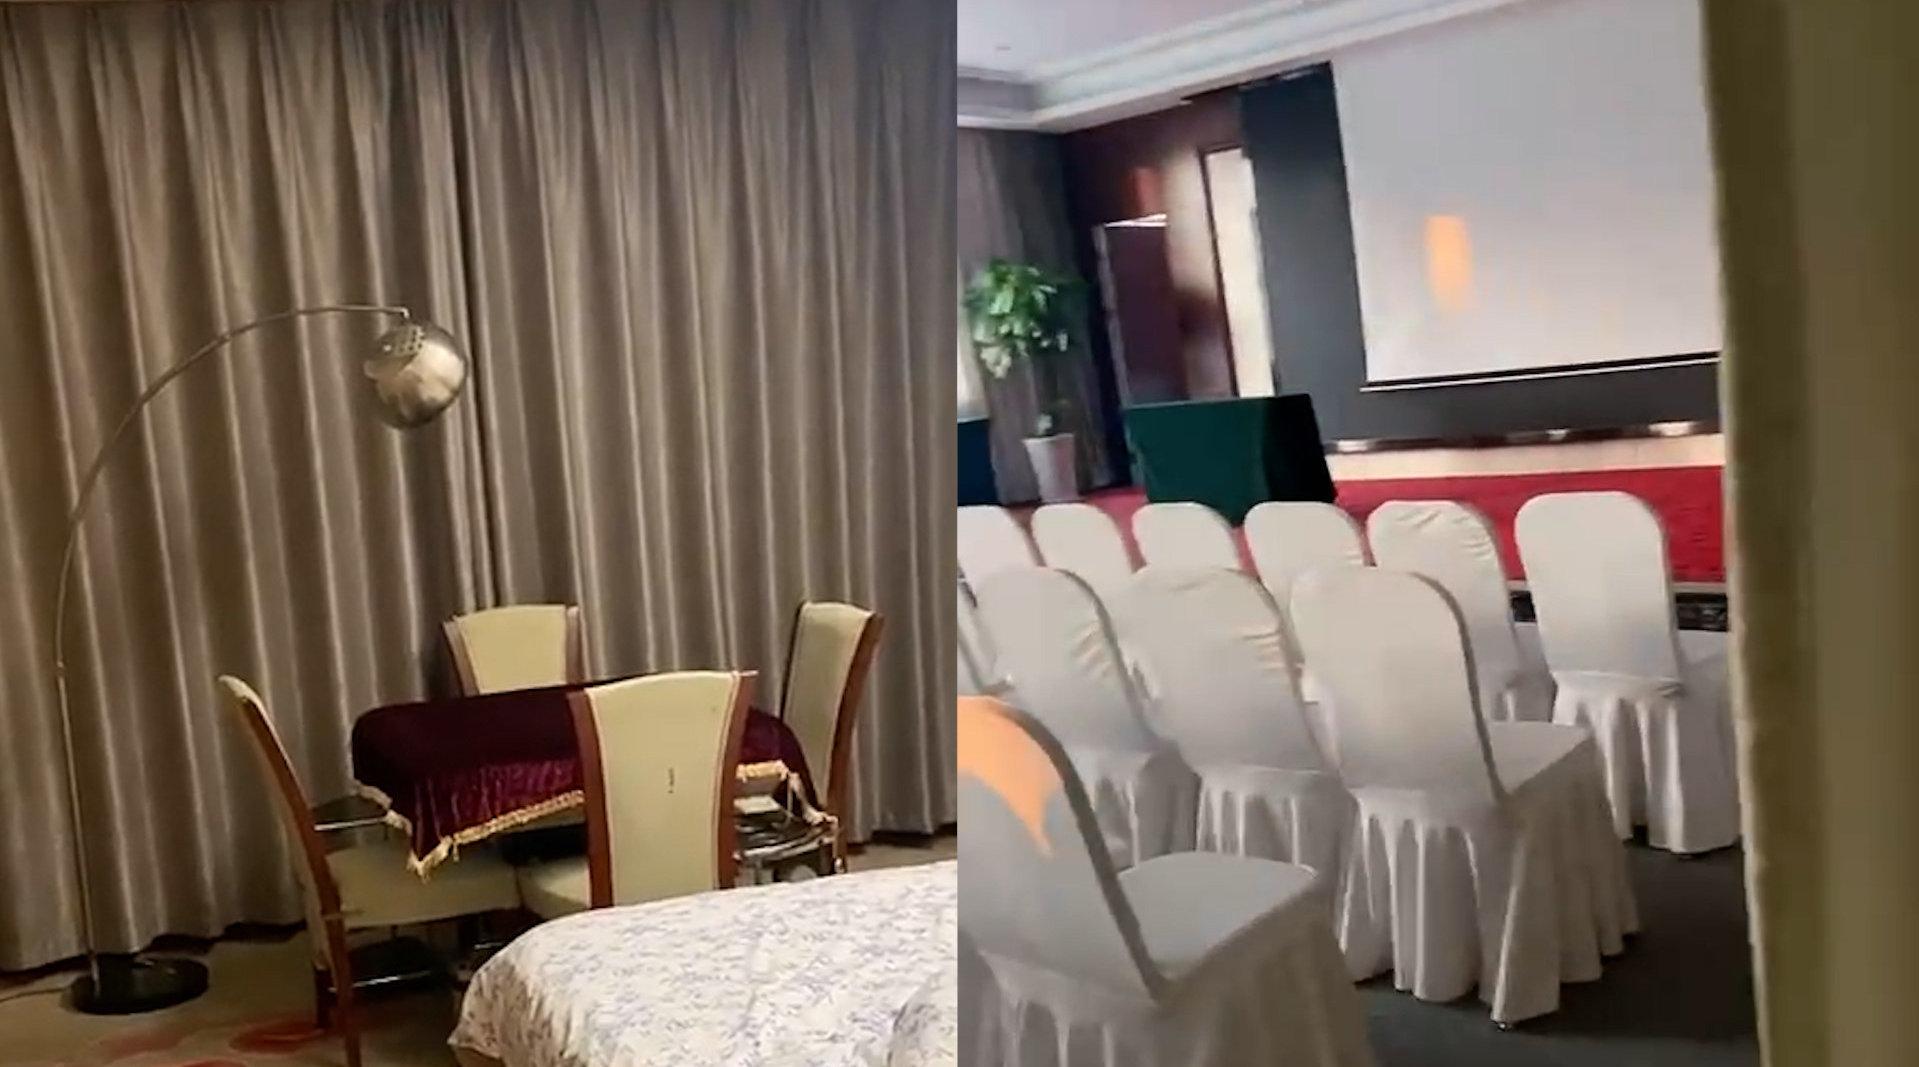 视频   女子住酒店拉开窗帘发现一间会议室:退房时才发现,整个人都呆了